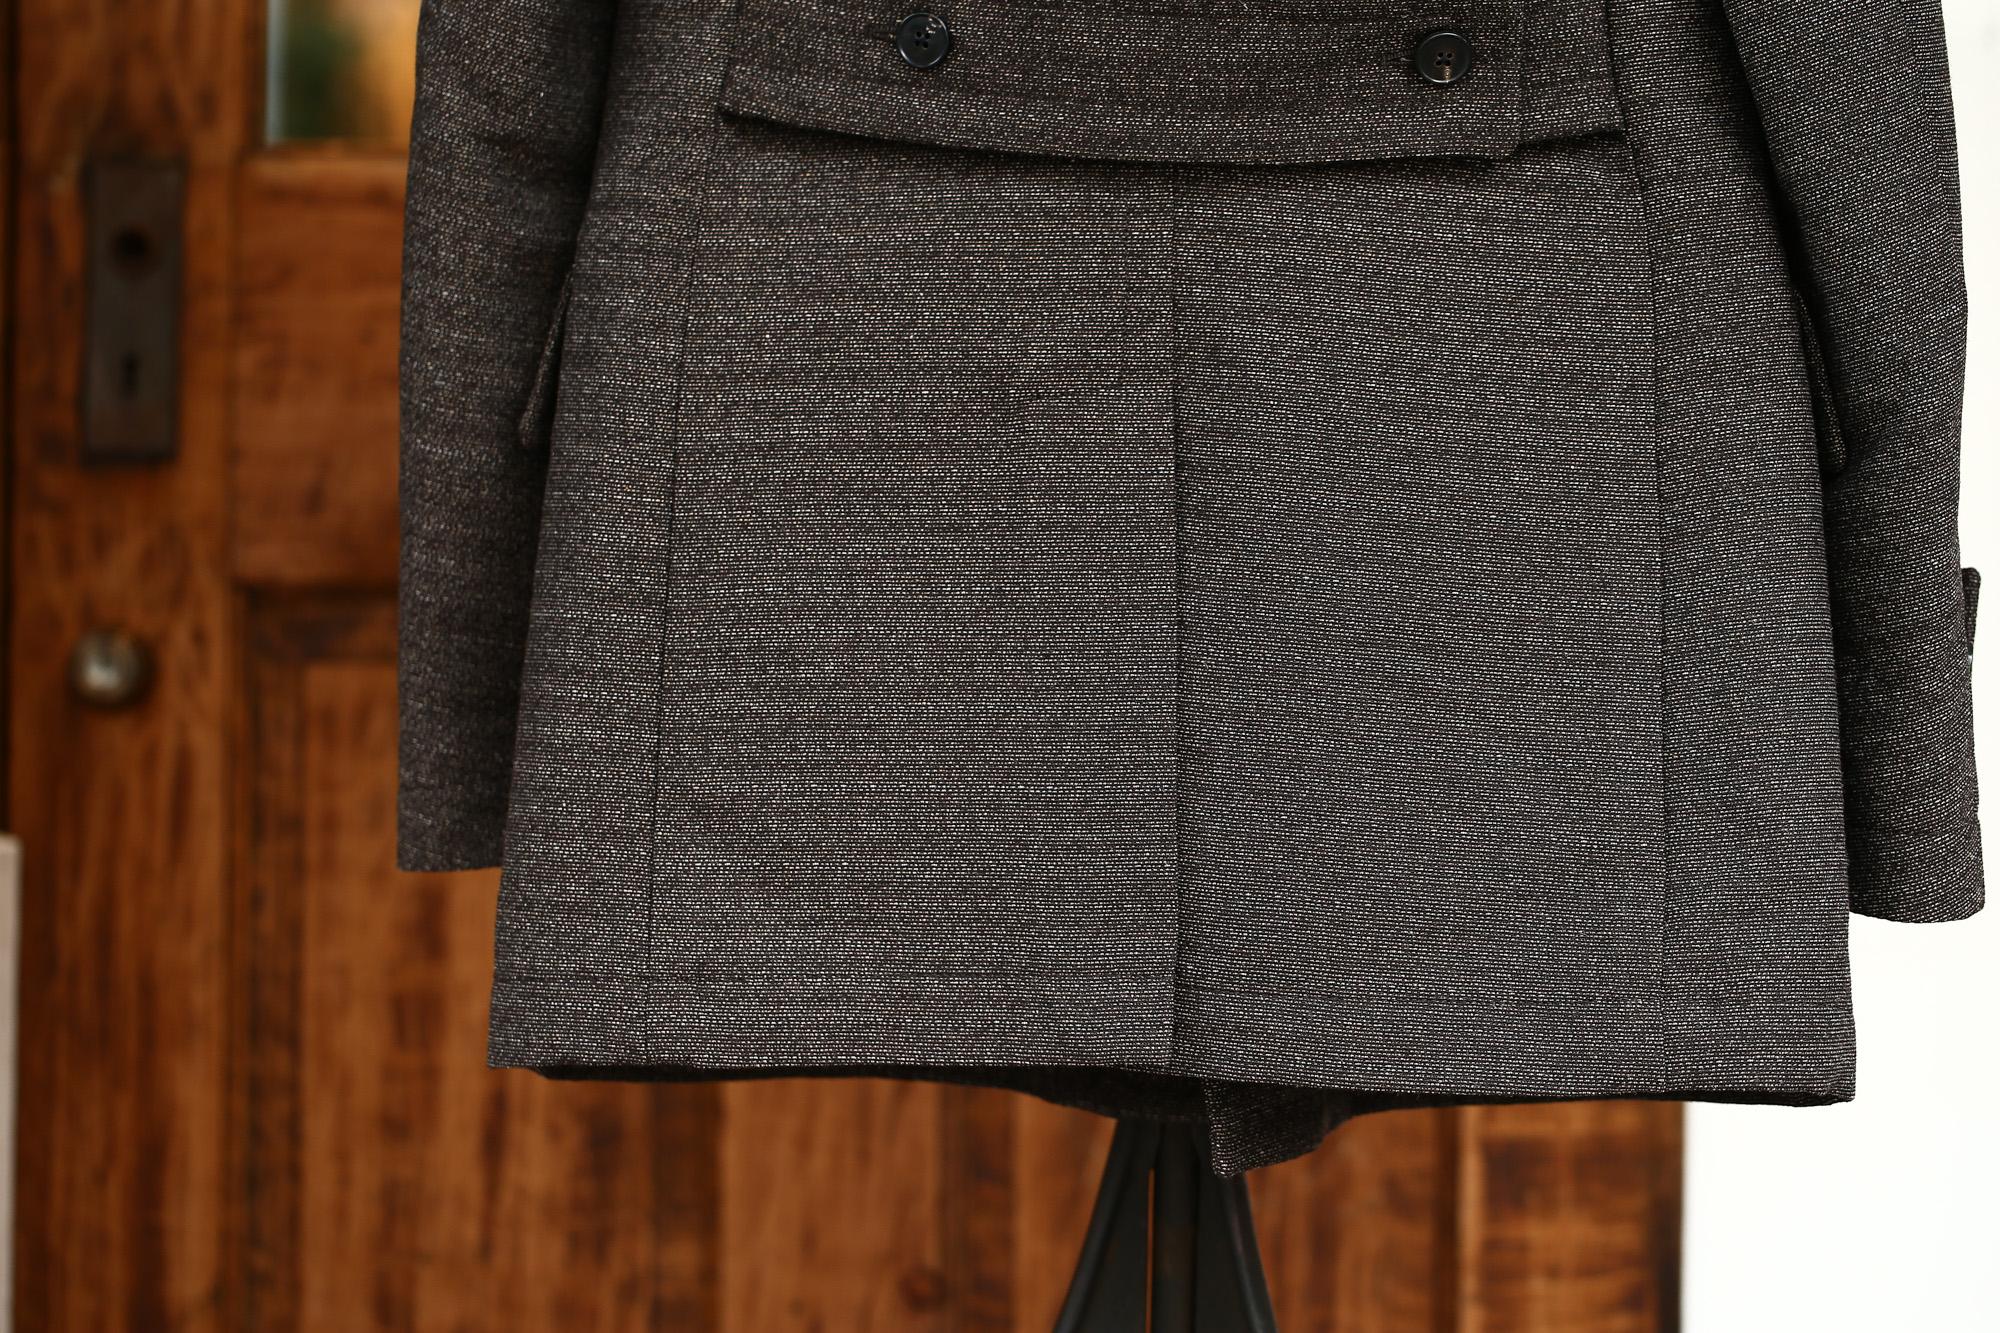 GABRIELE PASINI (ガブリエレ パジーニ) Pea coat (ピーコート) ウール ミドル丈 ダブル コート BROWN (ブラウン・438) Made in italy (イタリア製) 2017 秋冬新作 gabrielepasini カブリエレパジーニ Pコート 愛知 名古屋 ZODIAC ゾディアック